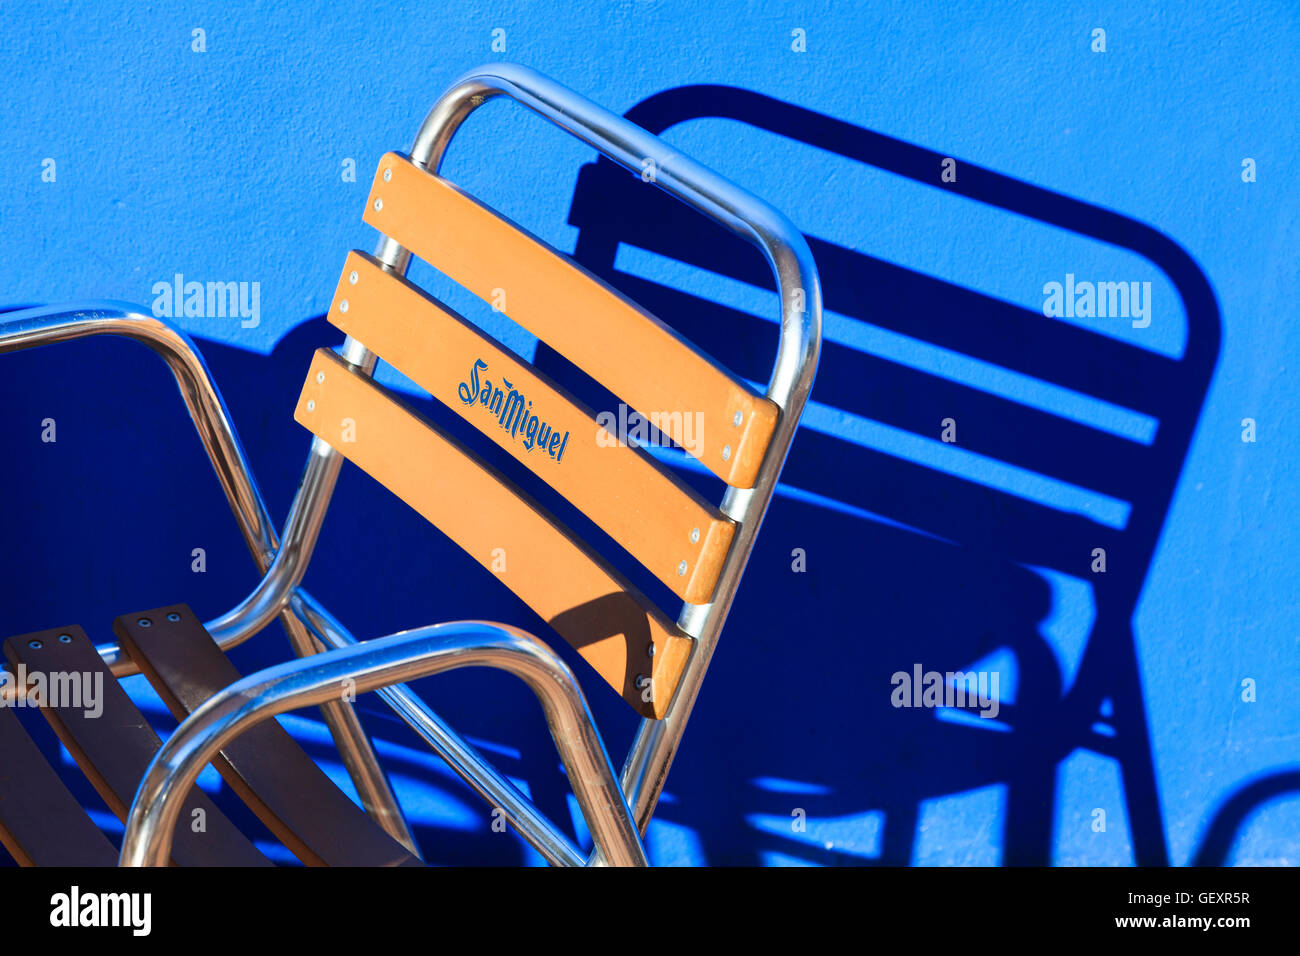 Casting Frame Stock Photos & Casting Frame Stock Images - Alamy